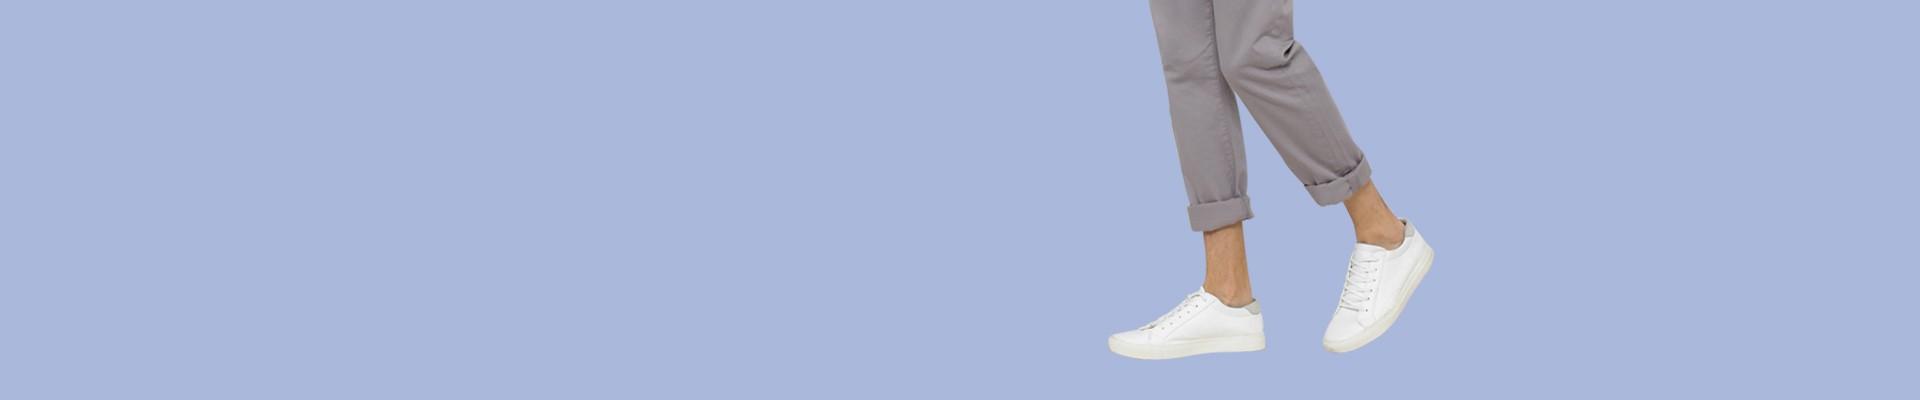 Jual Sepatu Sneakers / Kets Pria - Model Baru & Harga Murah